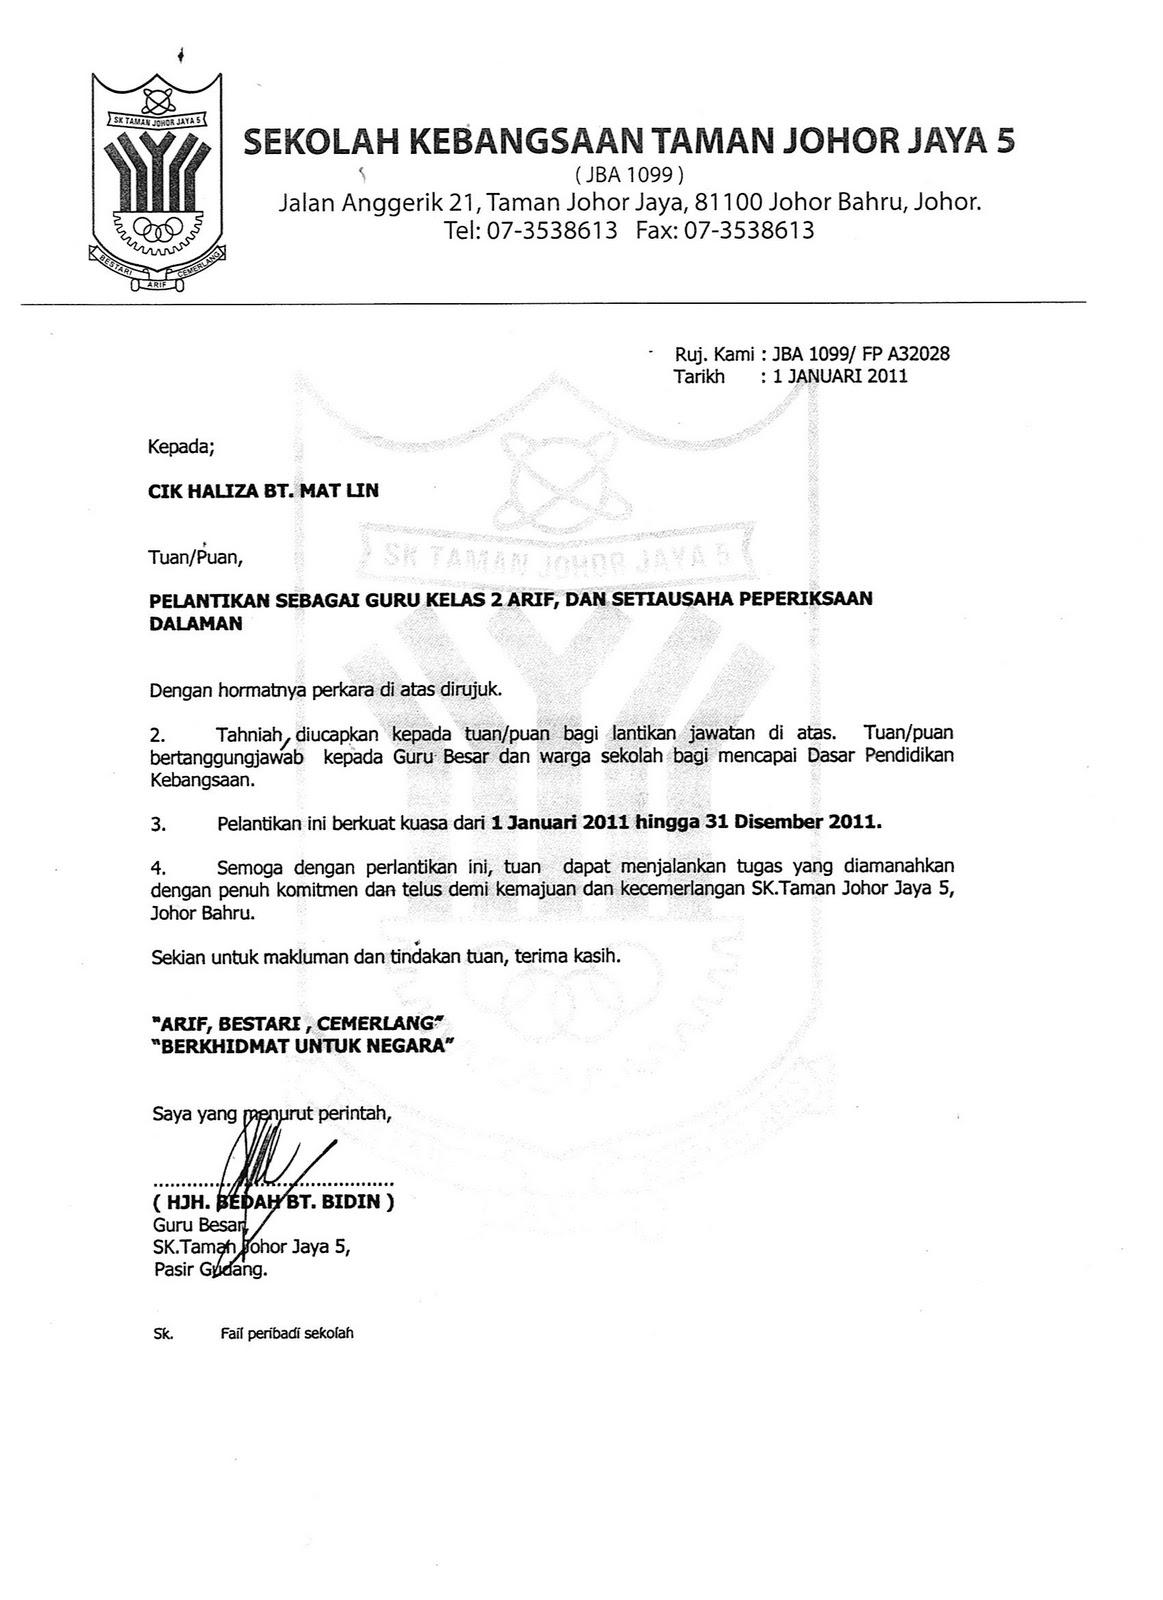 Contoh surat pelantikan sebagai setiausaha peperiksaan dalaman contoh